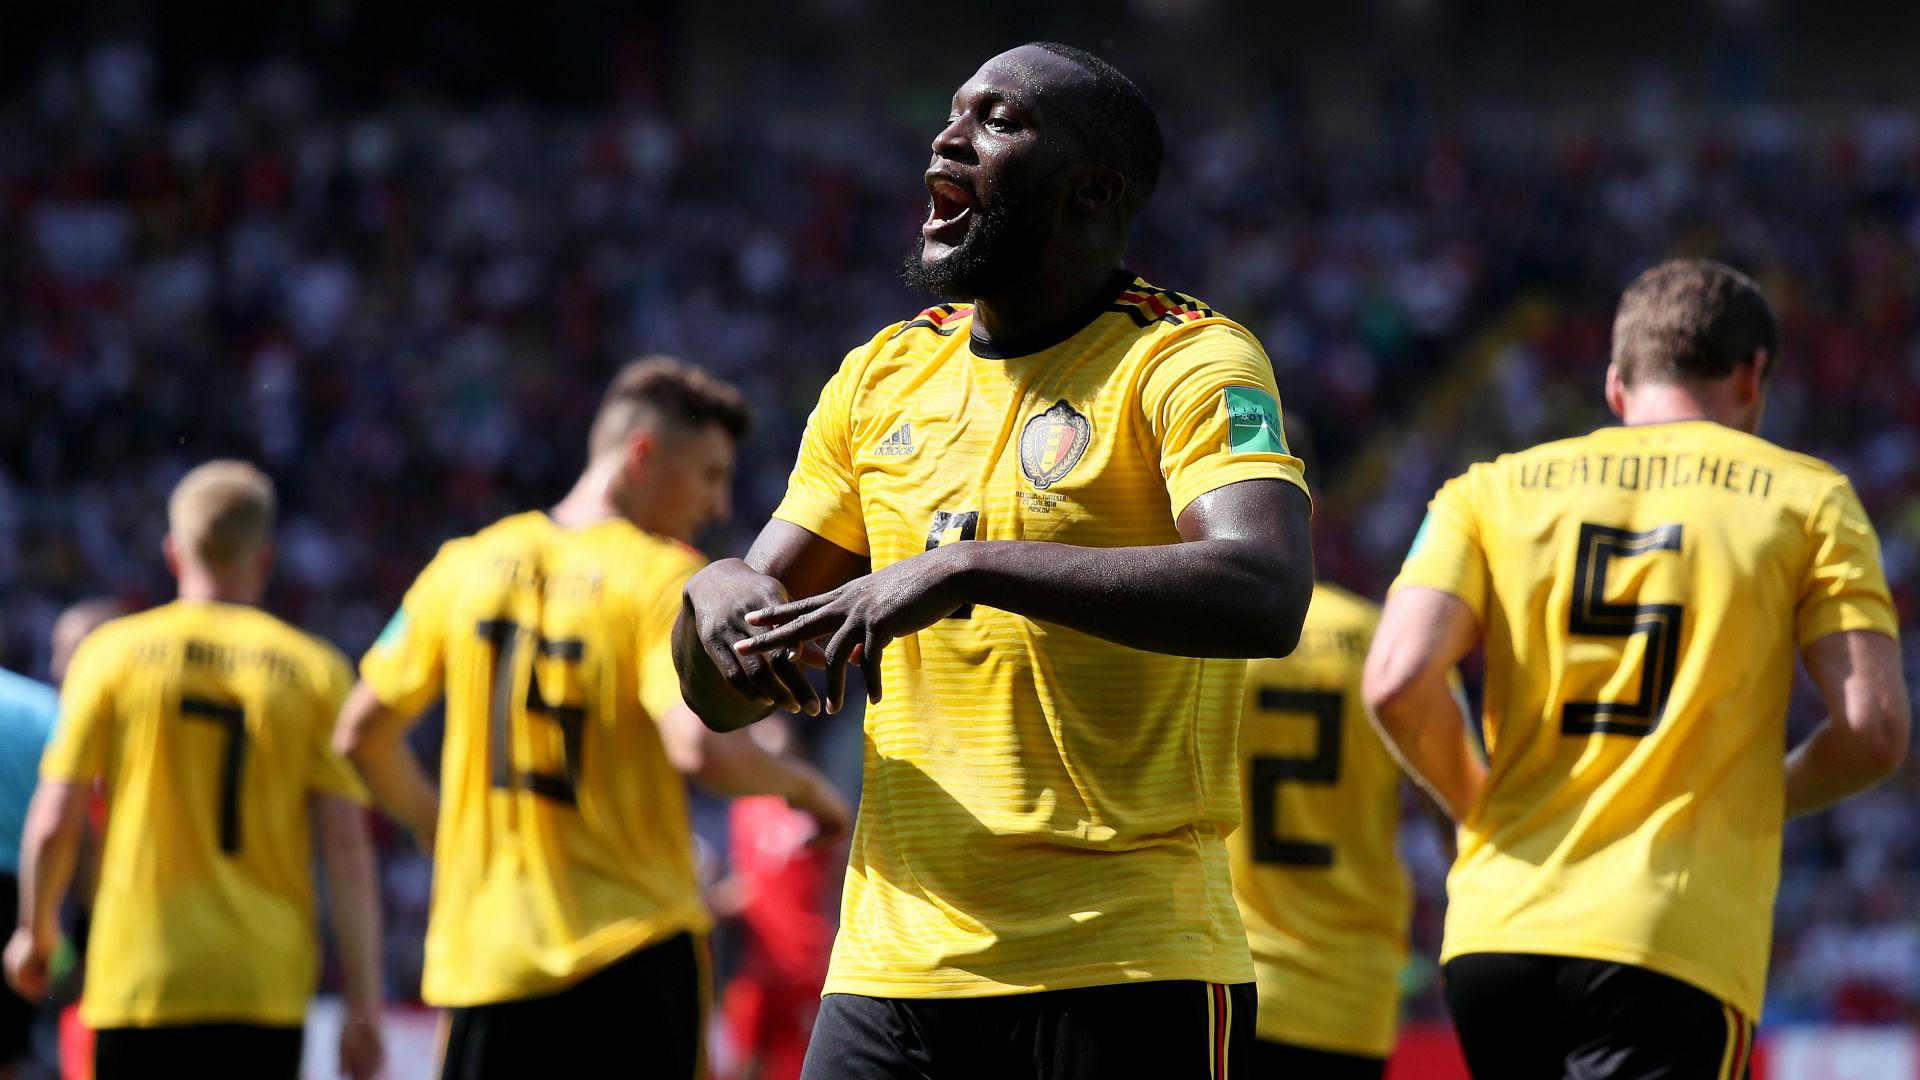 info for 79e0b ecc66 World Cup 2018: Romelu Lukaku leads Belgium to 5-2 win over ...